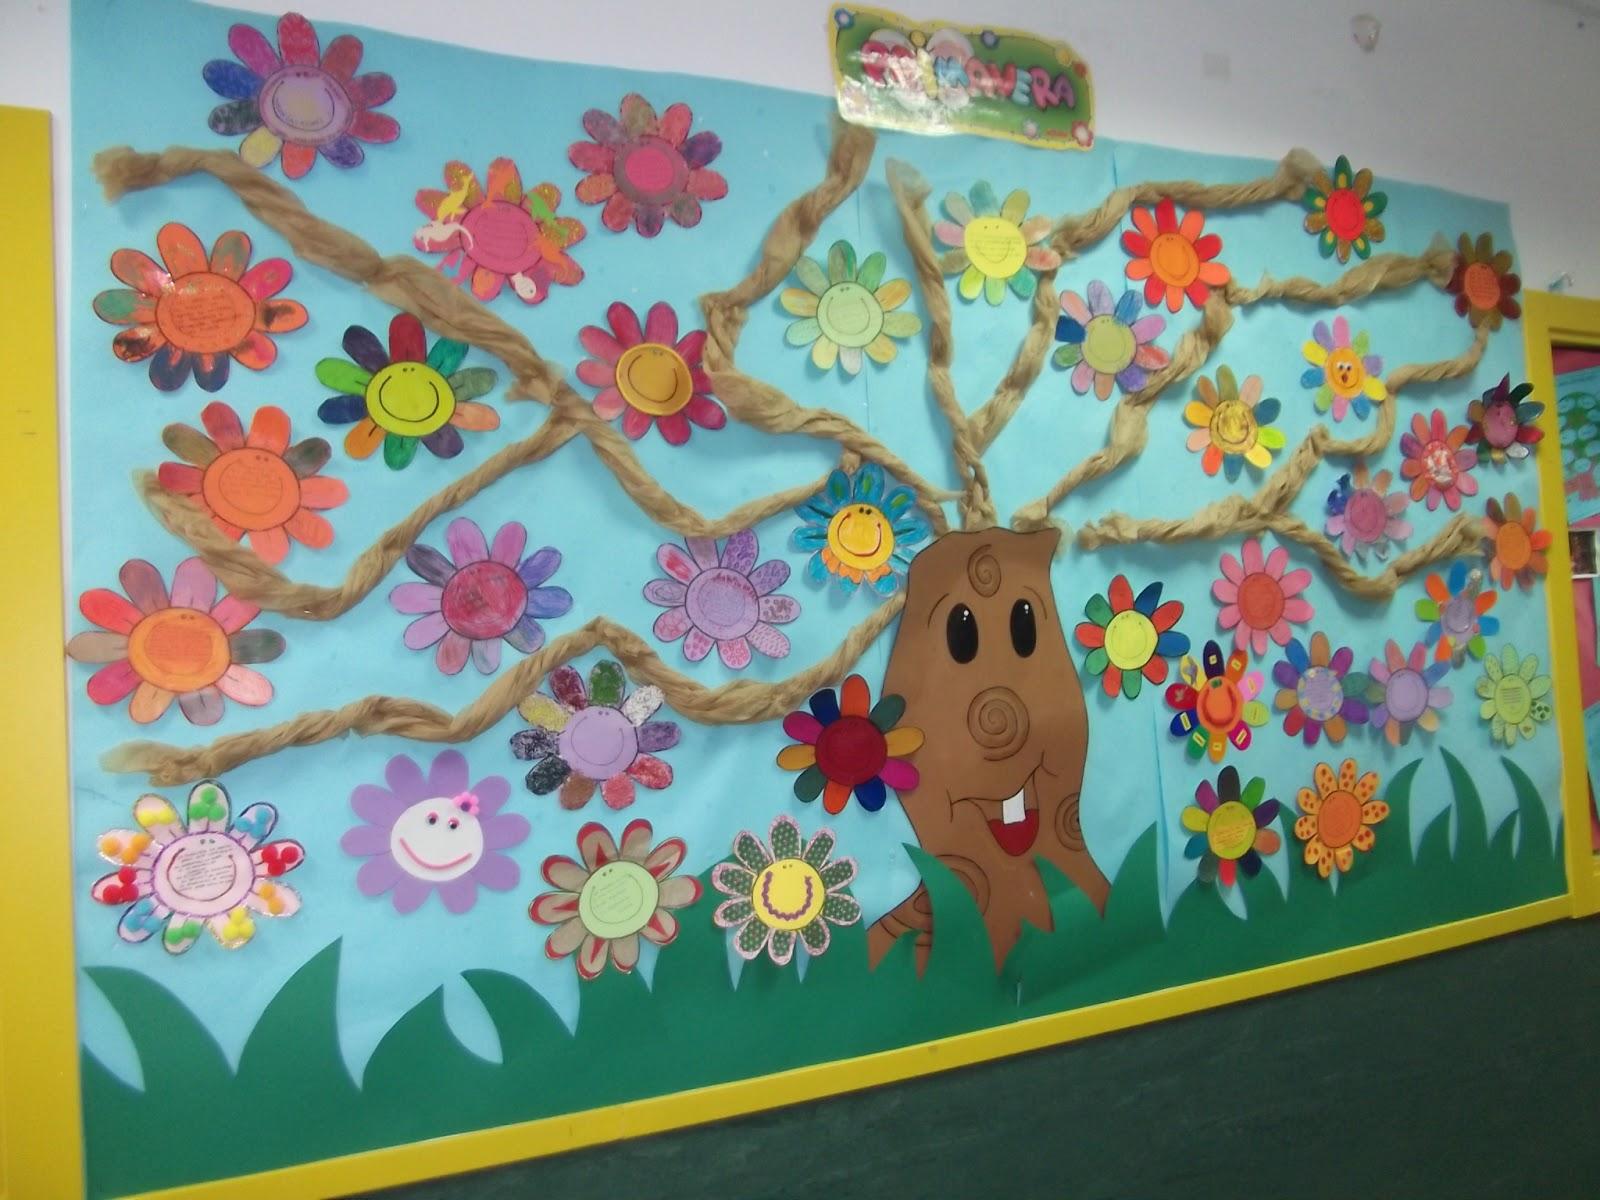 Primavera rincones 11 imagenes educativas - Murales pintados en la pared ...